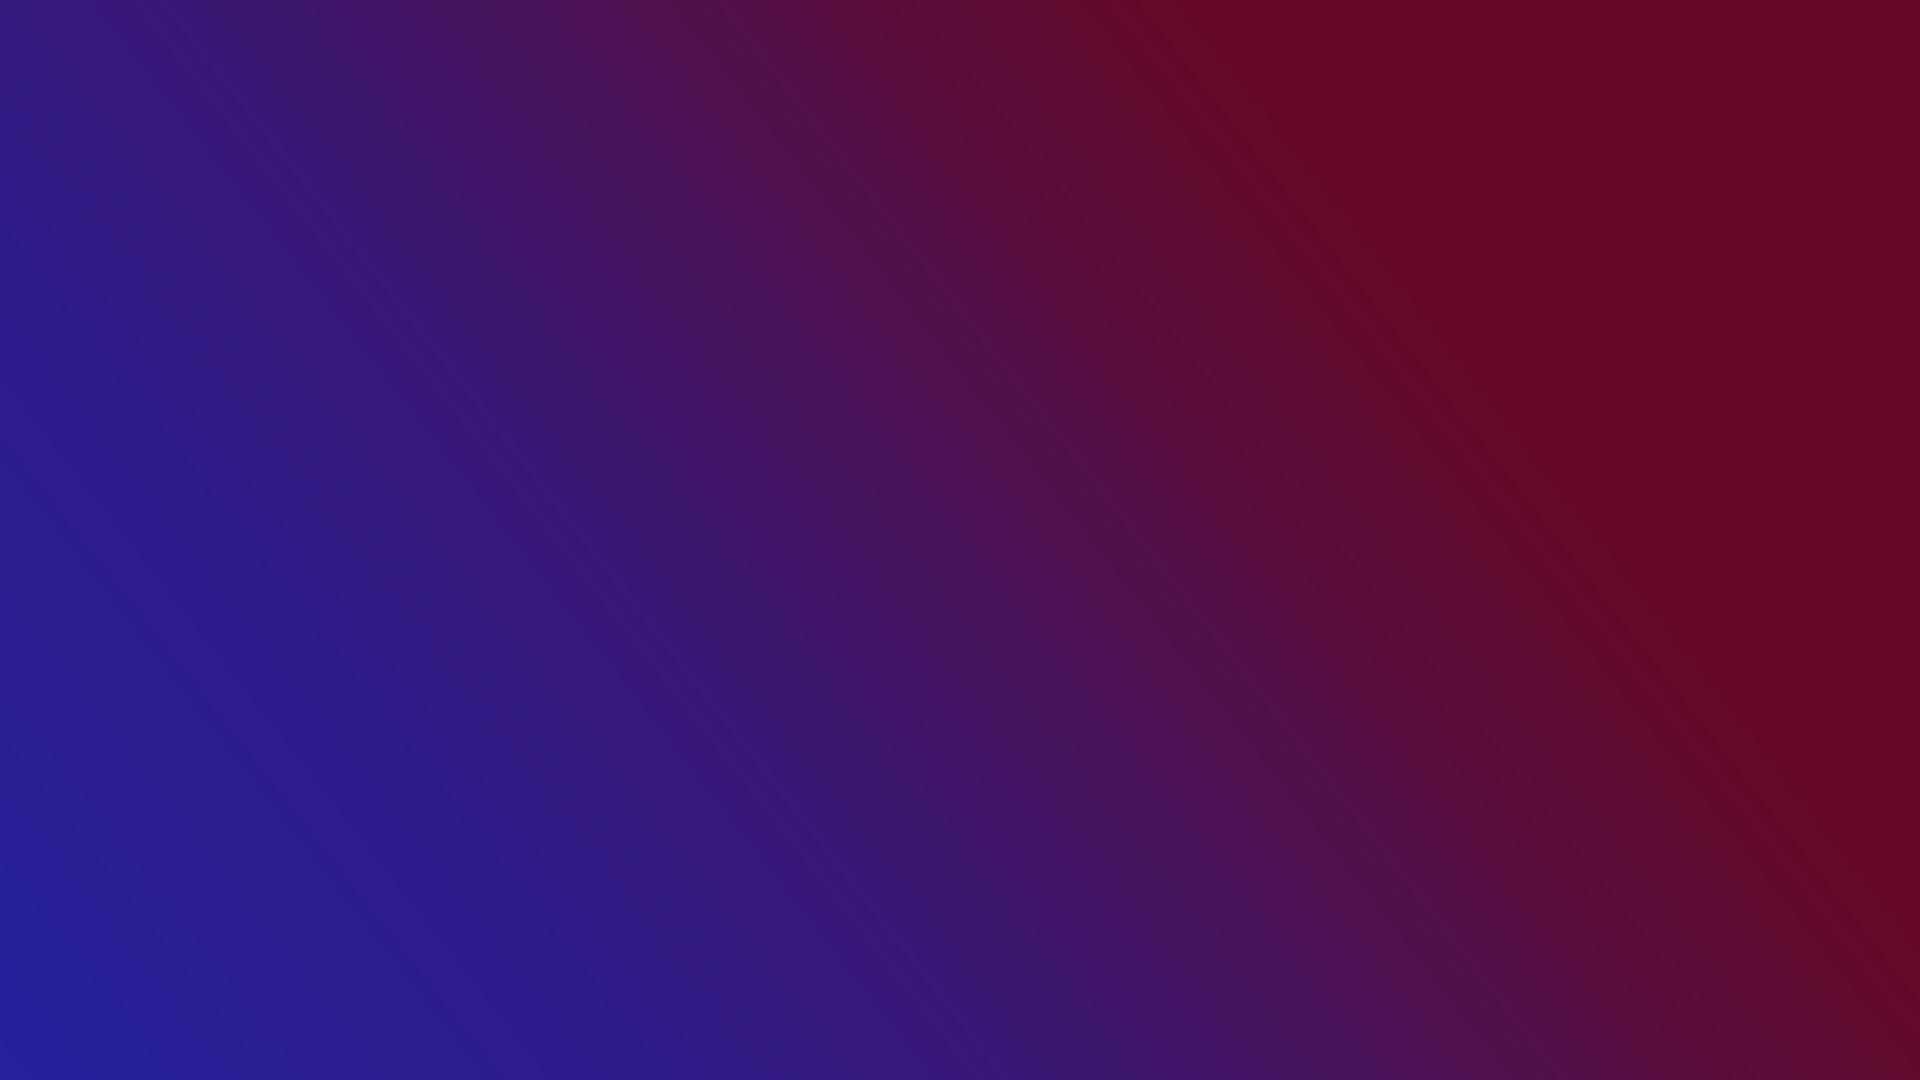 Background_degradé_bleu_mauve